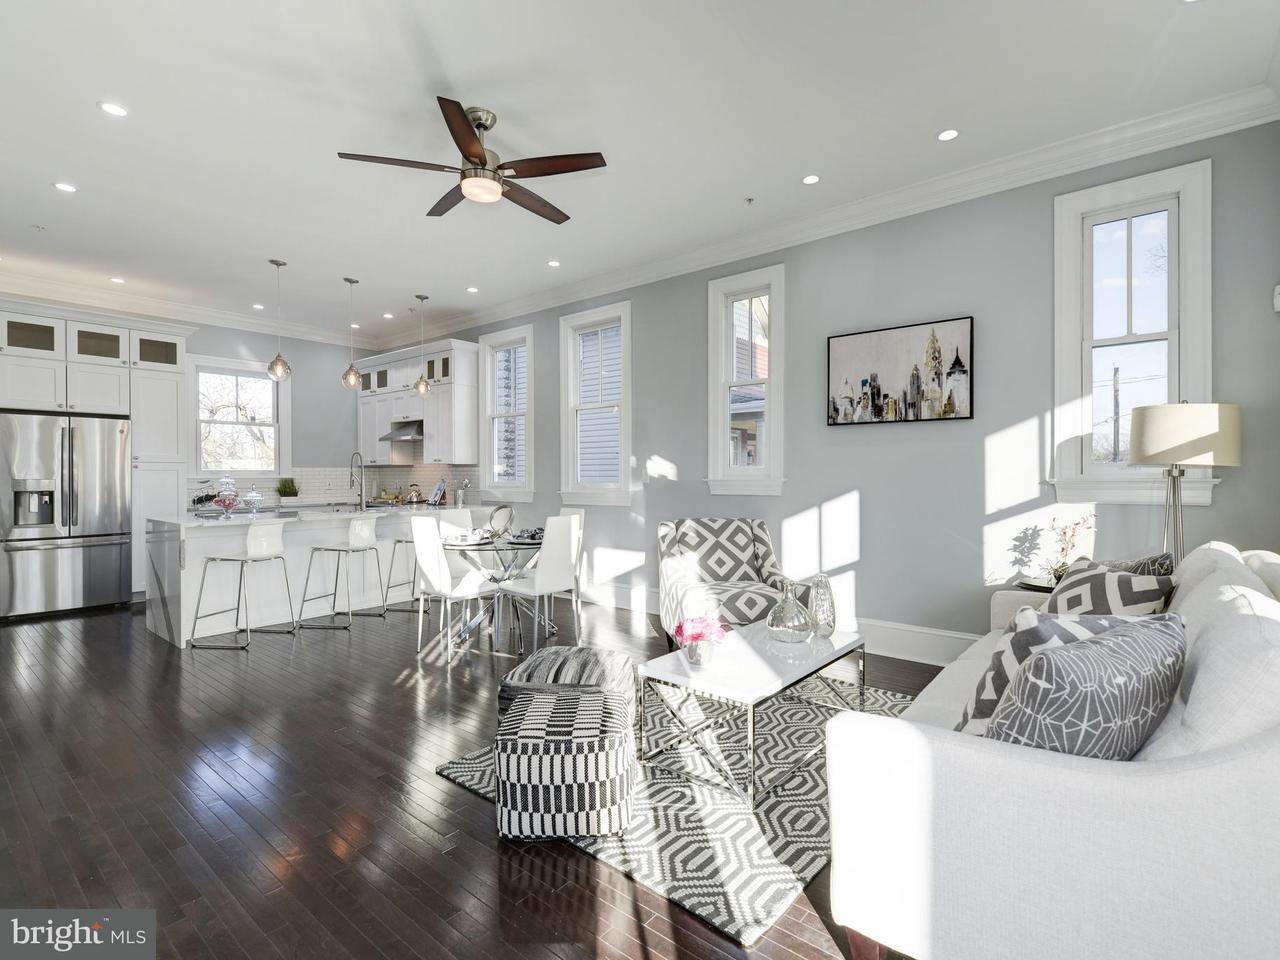 一戸建て のために 売買 アット 2810 Brentwood Rd Ne 2810 Brentwood Rd Ne Washington, コロンビア特別区 20018 アメリカ合衆国